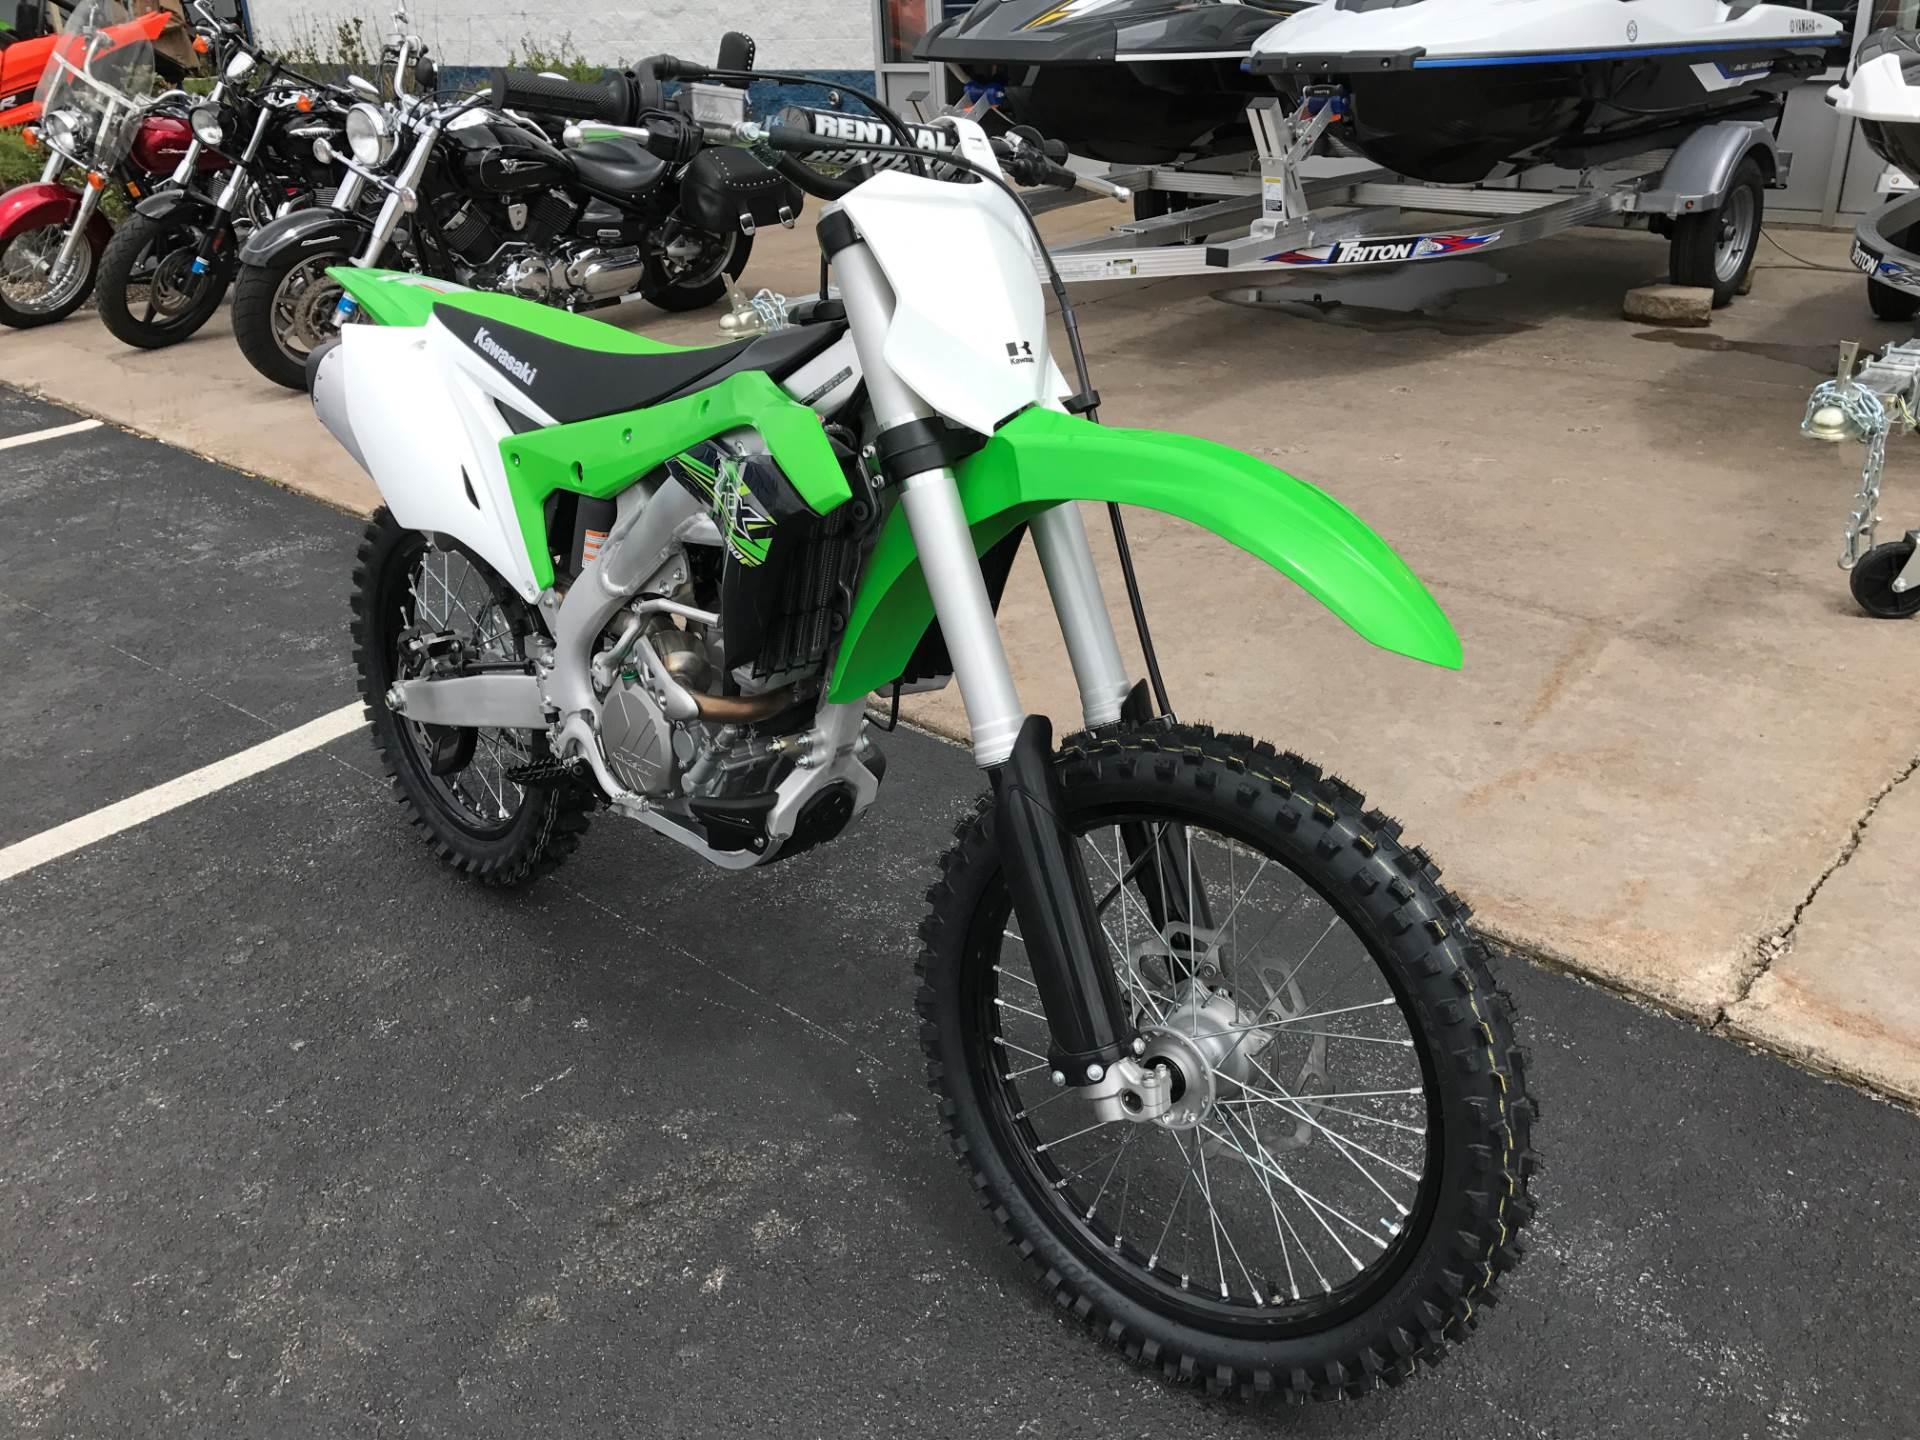 2017 Kawasaki KX250F for sale 2660